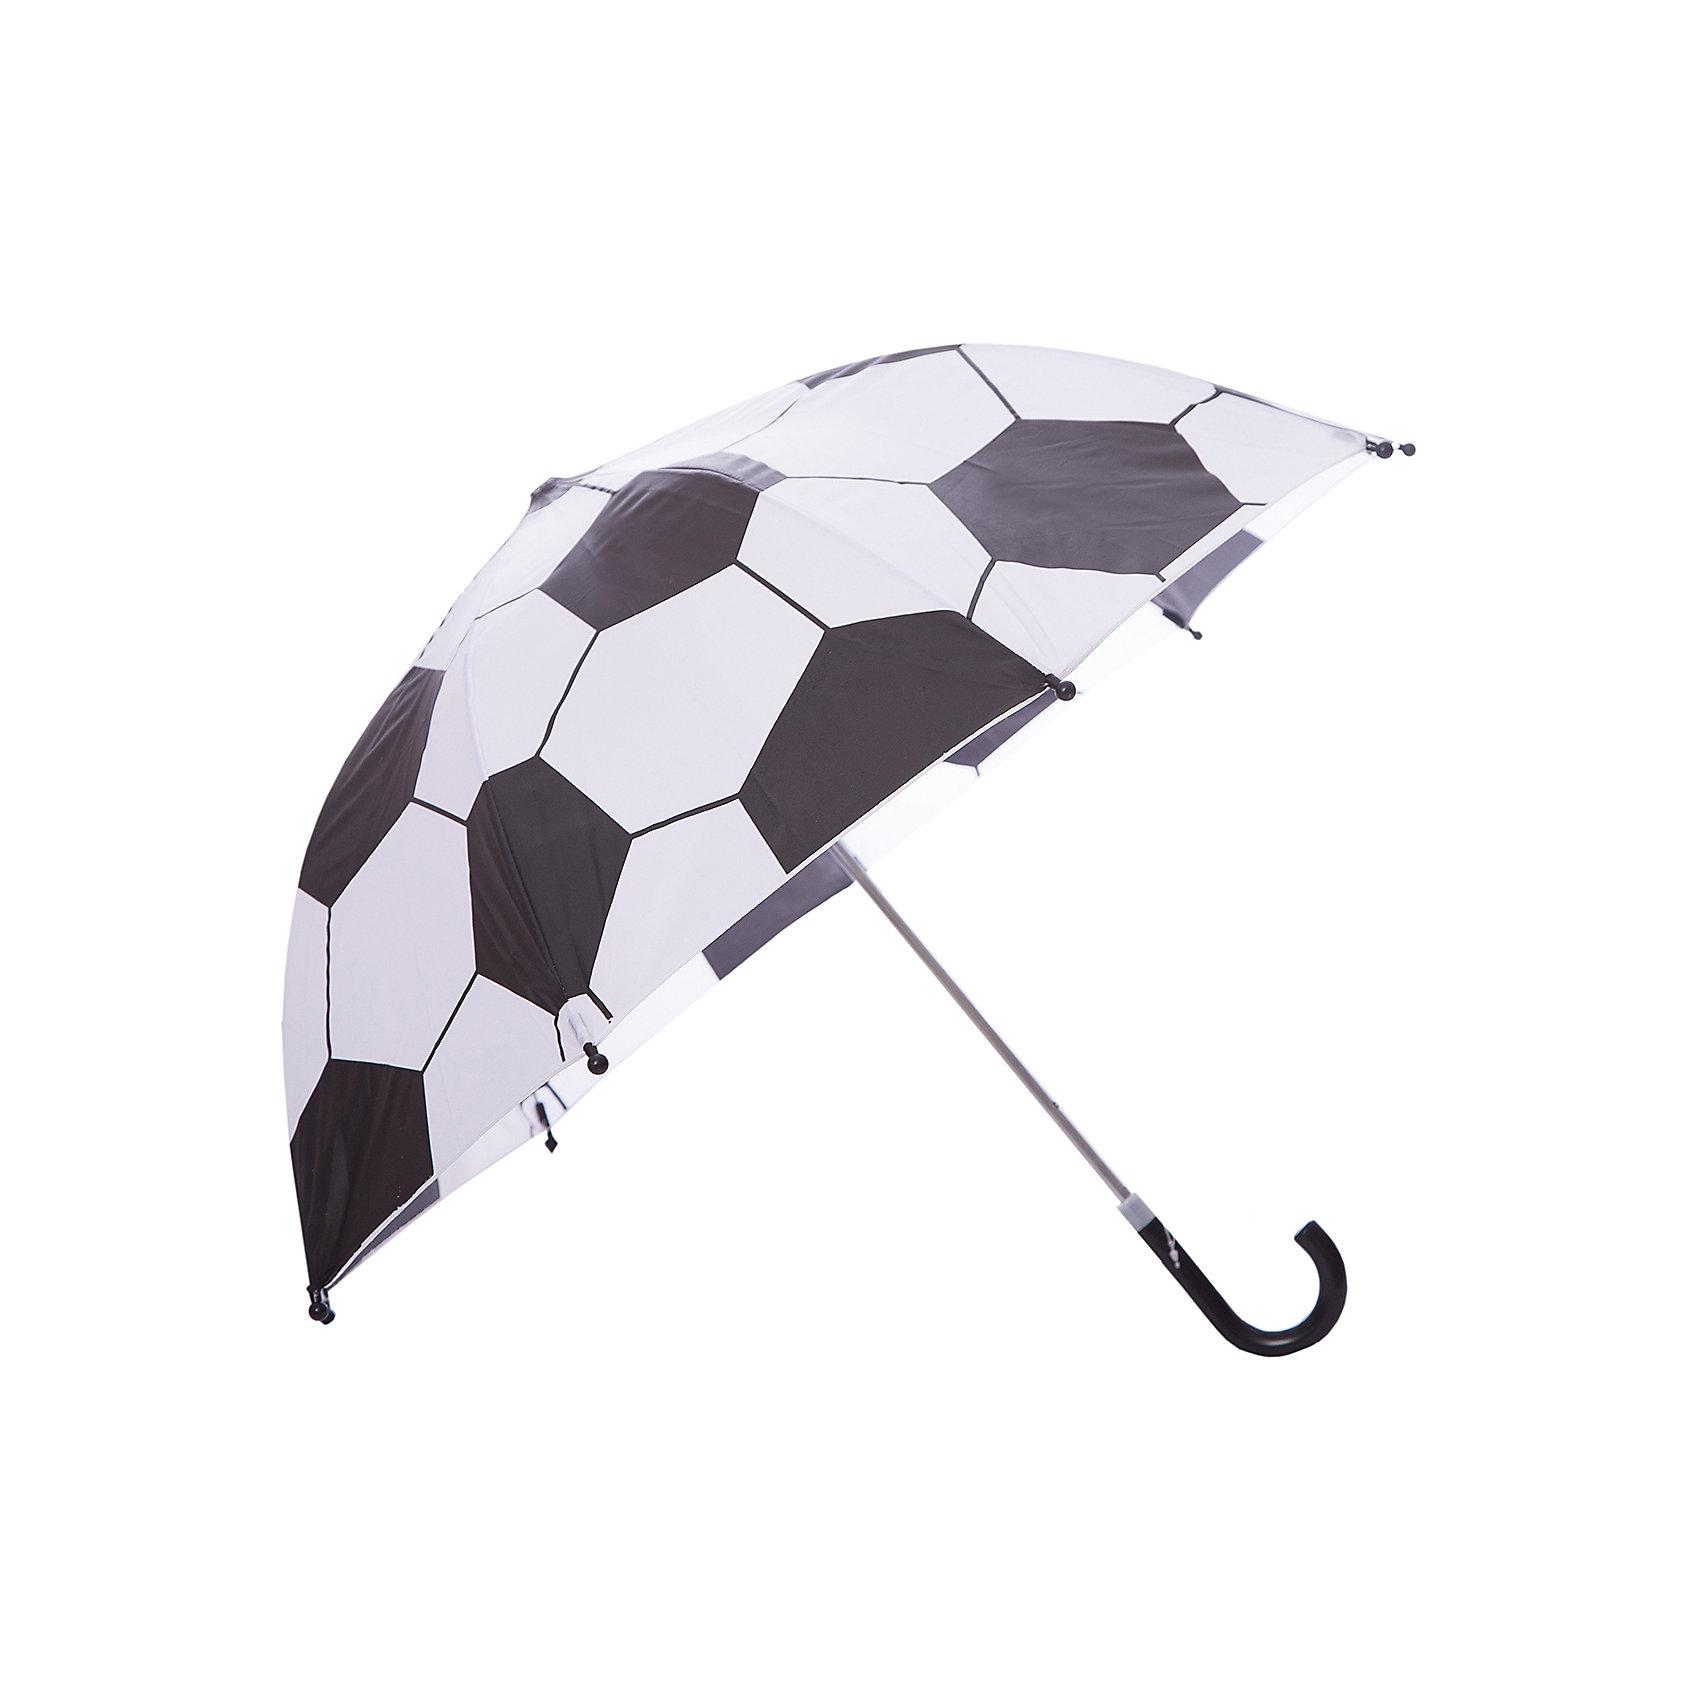 Зонт детский Футбол, 46 см.Детский зонтик-тросточка с футбольным принтом защитит ребенка от непогоды. Зонтик не боится дождя и ветра благодаря прочному креплению купола к каркасу. Изогнутая ручка позволяет крепко держать зонт в руках. <br> Технические характеристики: <br> <br> <br> Механическая система складывания; <br> <br> Концы спиц закрыты пластиковыми шариками; <br> <br> Пластиковый фиксатор на стержне зонтика; <br> <br> Радиус купола - 46 см.<br><br>Ширина мм: 615<br>Глубина мм: 500<br>Высота мм: 800<br>Вес г: 200<br>Возраст от месяцев: 36<br>Возраст до месяцев: 2147483647<br>Пол: Мужской<br>Возраст: Детский<br>SKU: 5508528